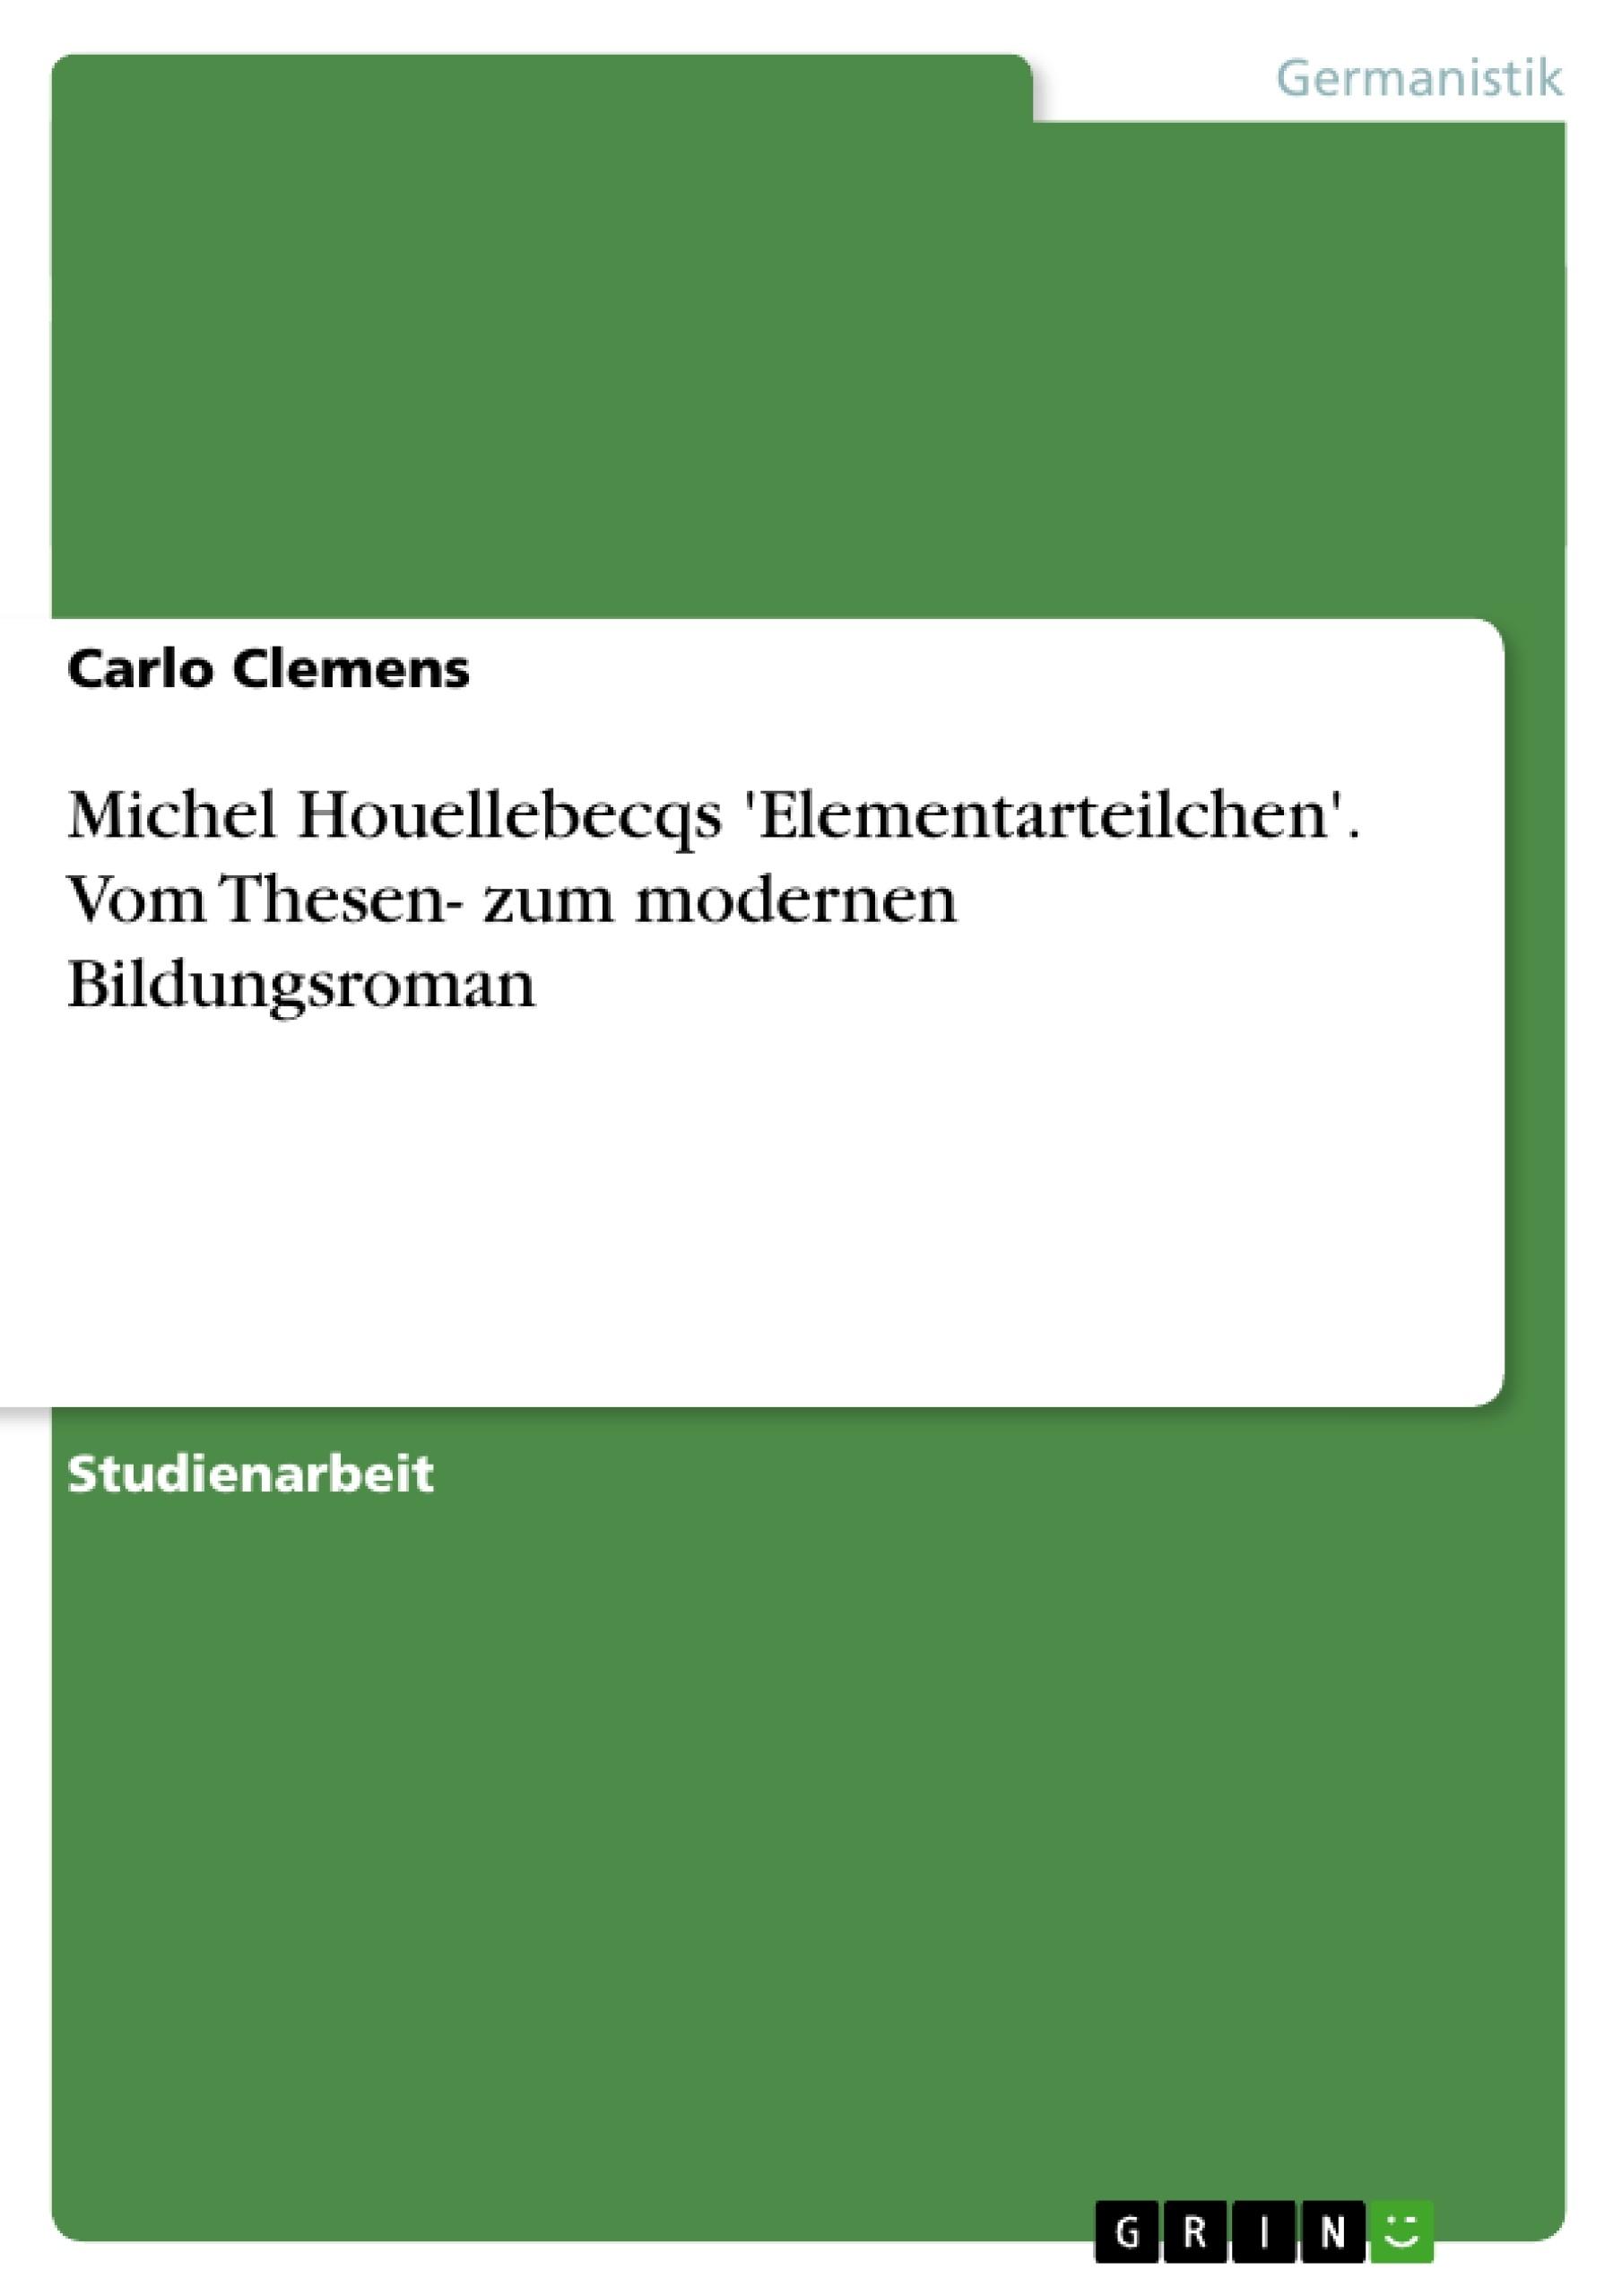 Titel: Michel Houellebecqs 'Elementarteilchen'. Vom Thesen- zum modernen Bildungsroman